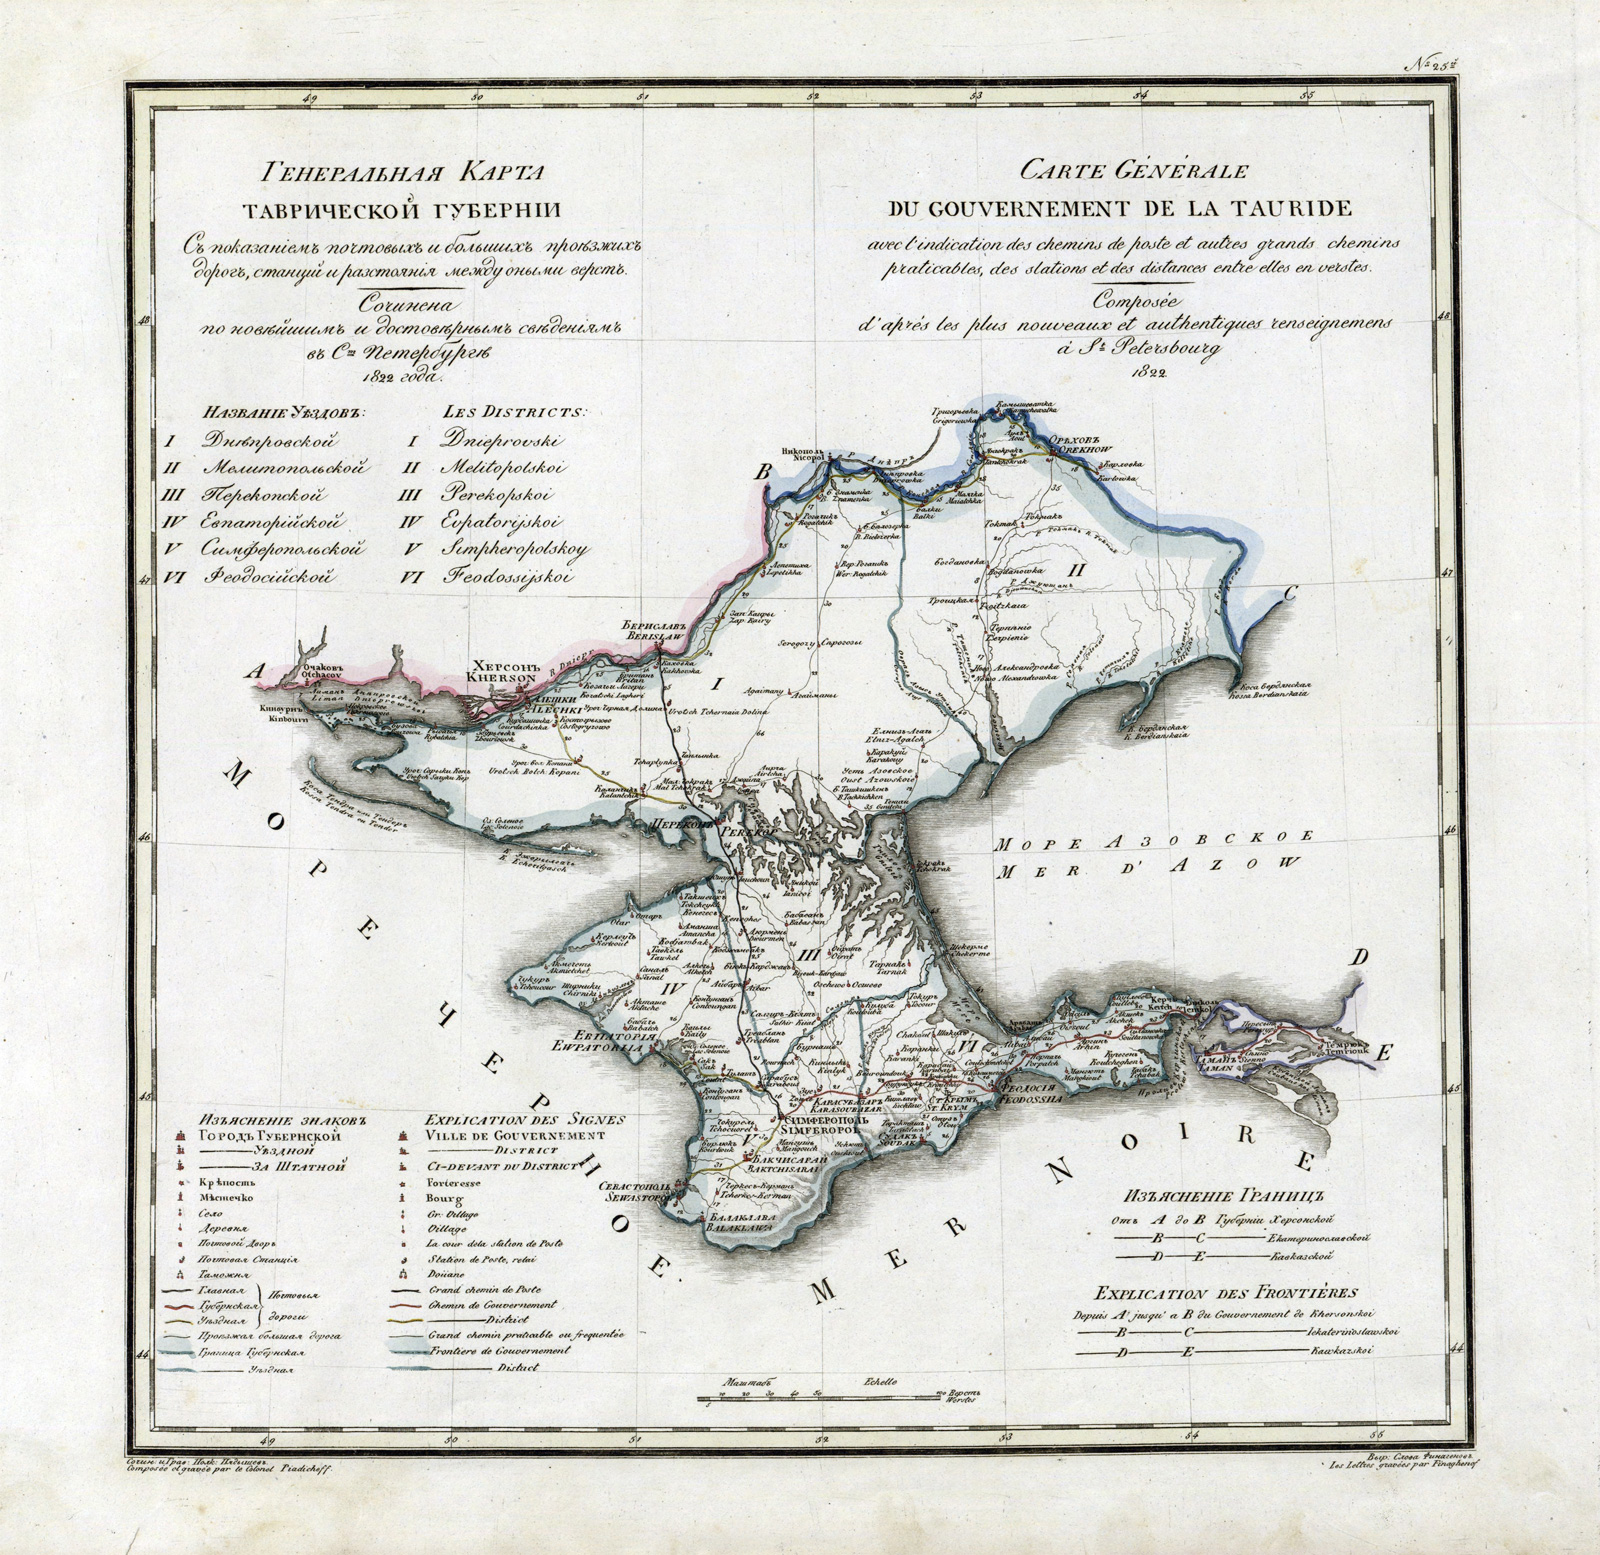 Карта Таврической губернии. Атлас Российской империи. Пядышев. 1821